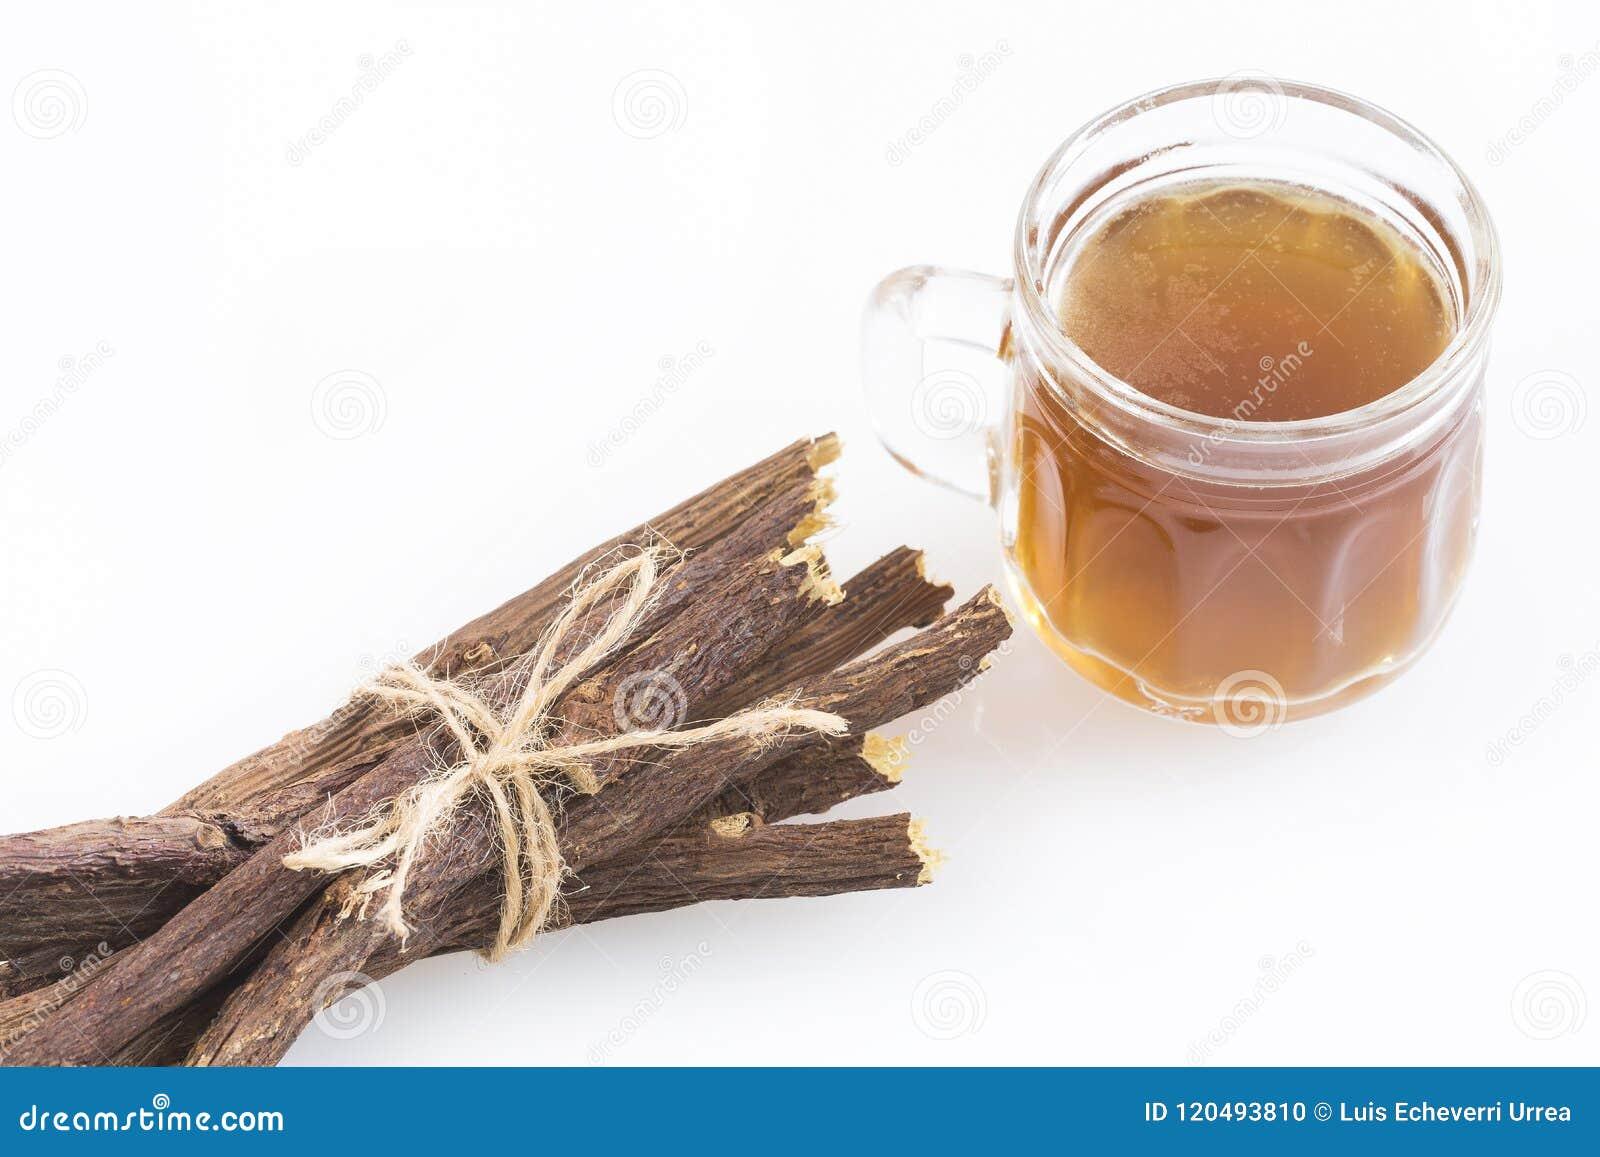 欧亚甘草根拥有许多药物特性和保健福利-甘草glabra